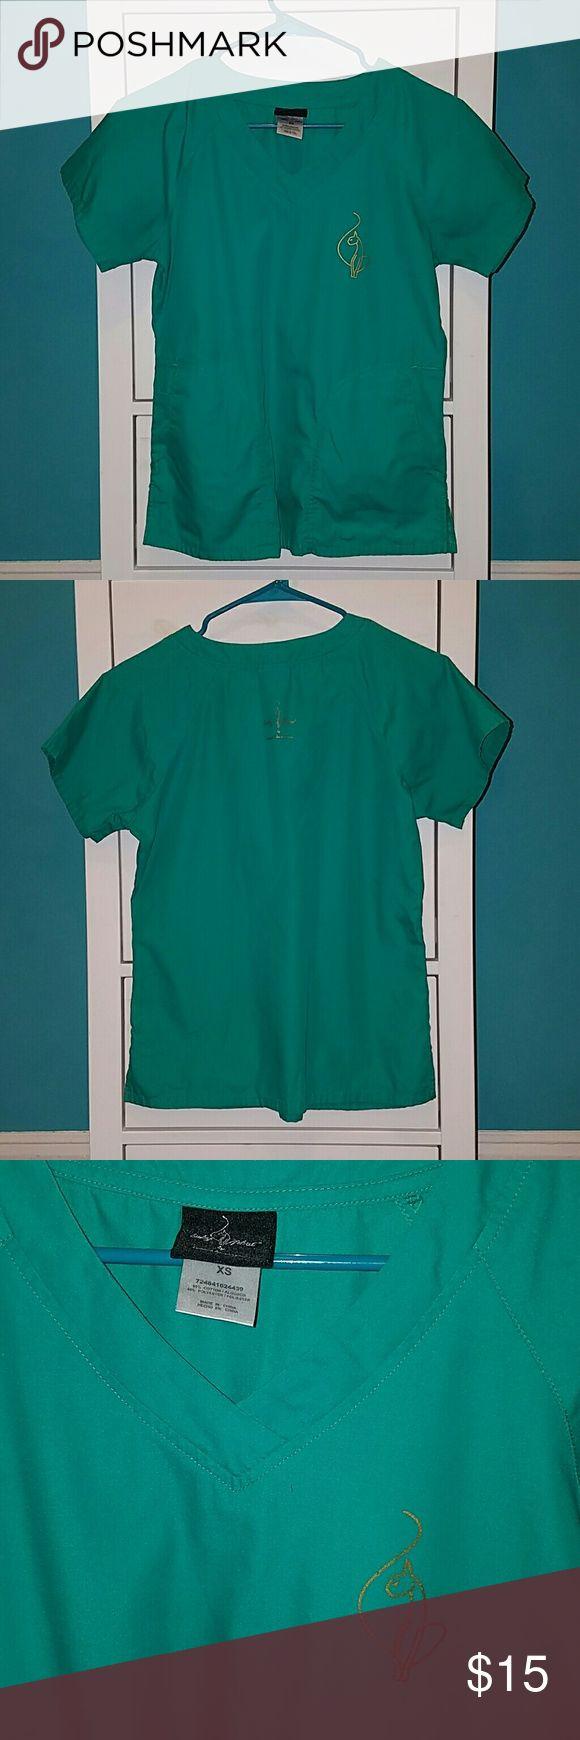 Baby phat scrub top Teal baby phat scrub top for sale Baby Phat Tops Tees - Short Sleeve